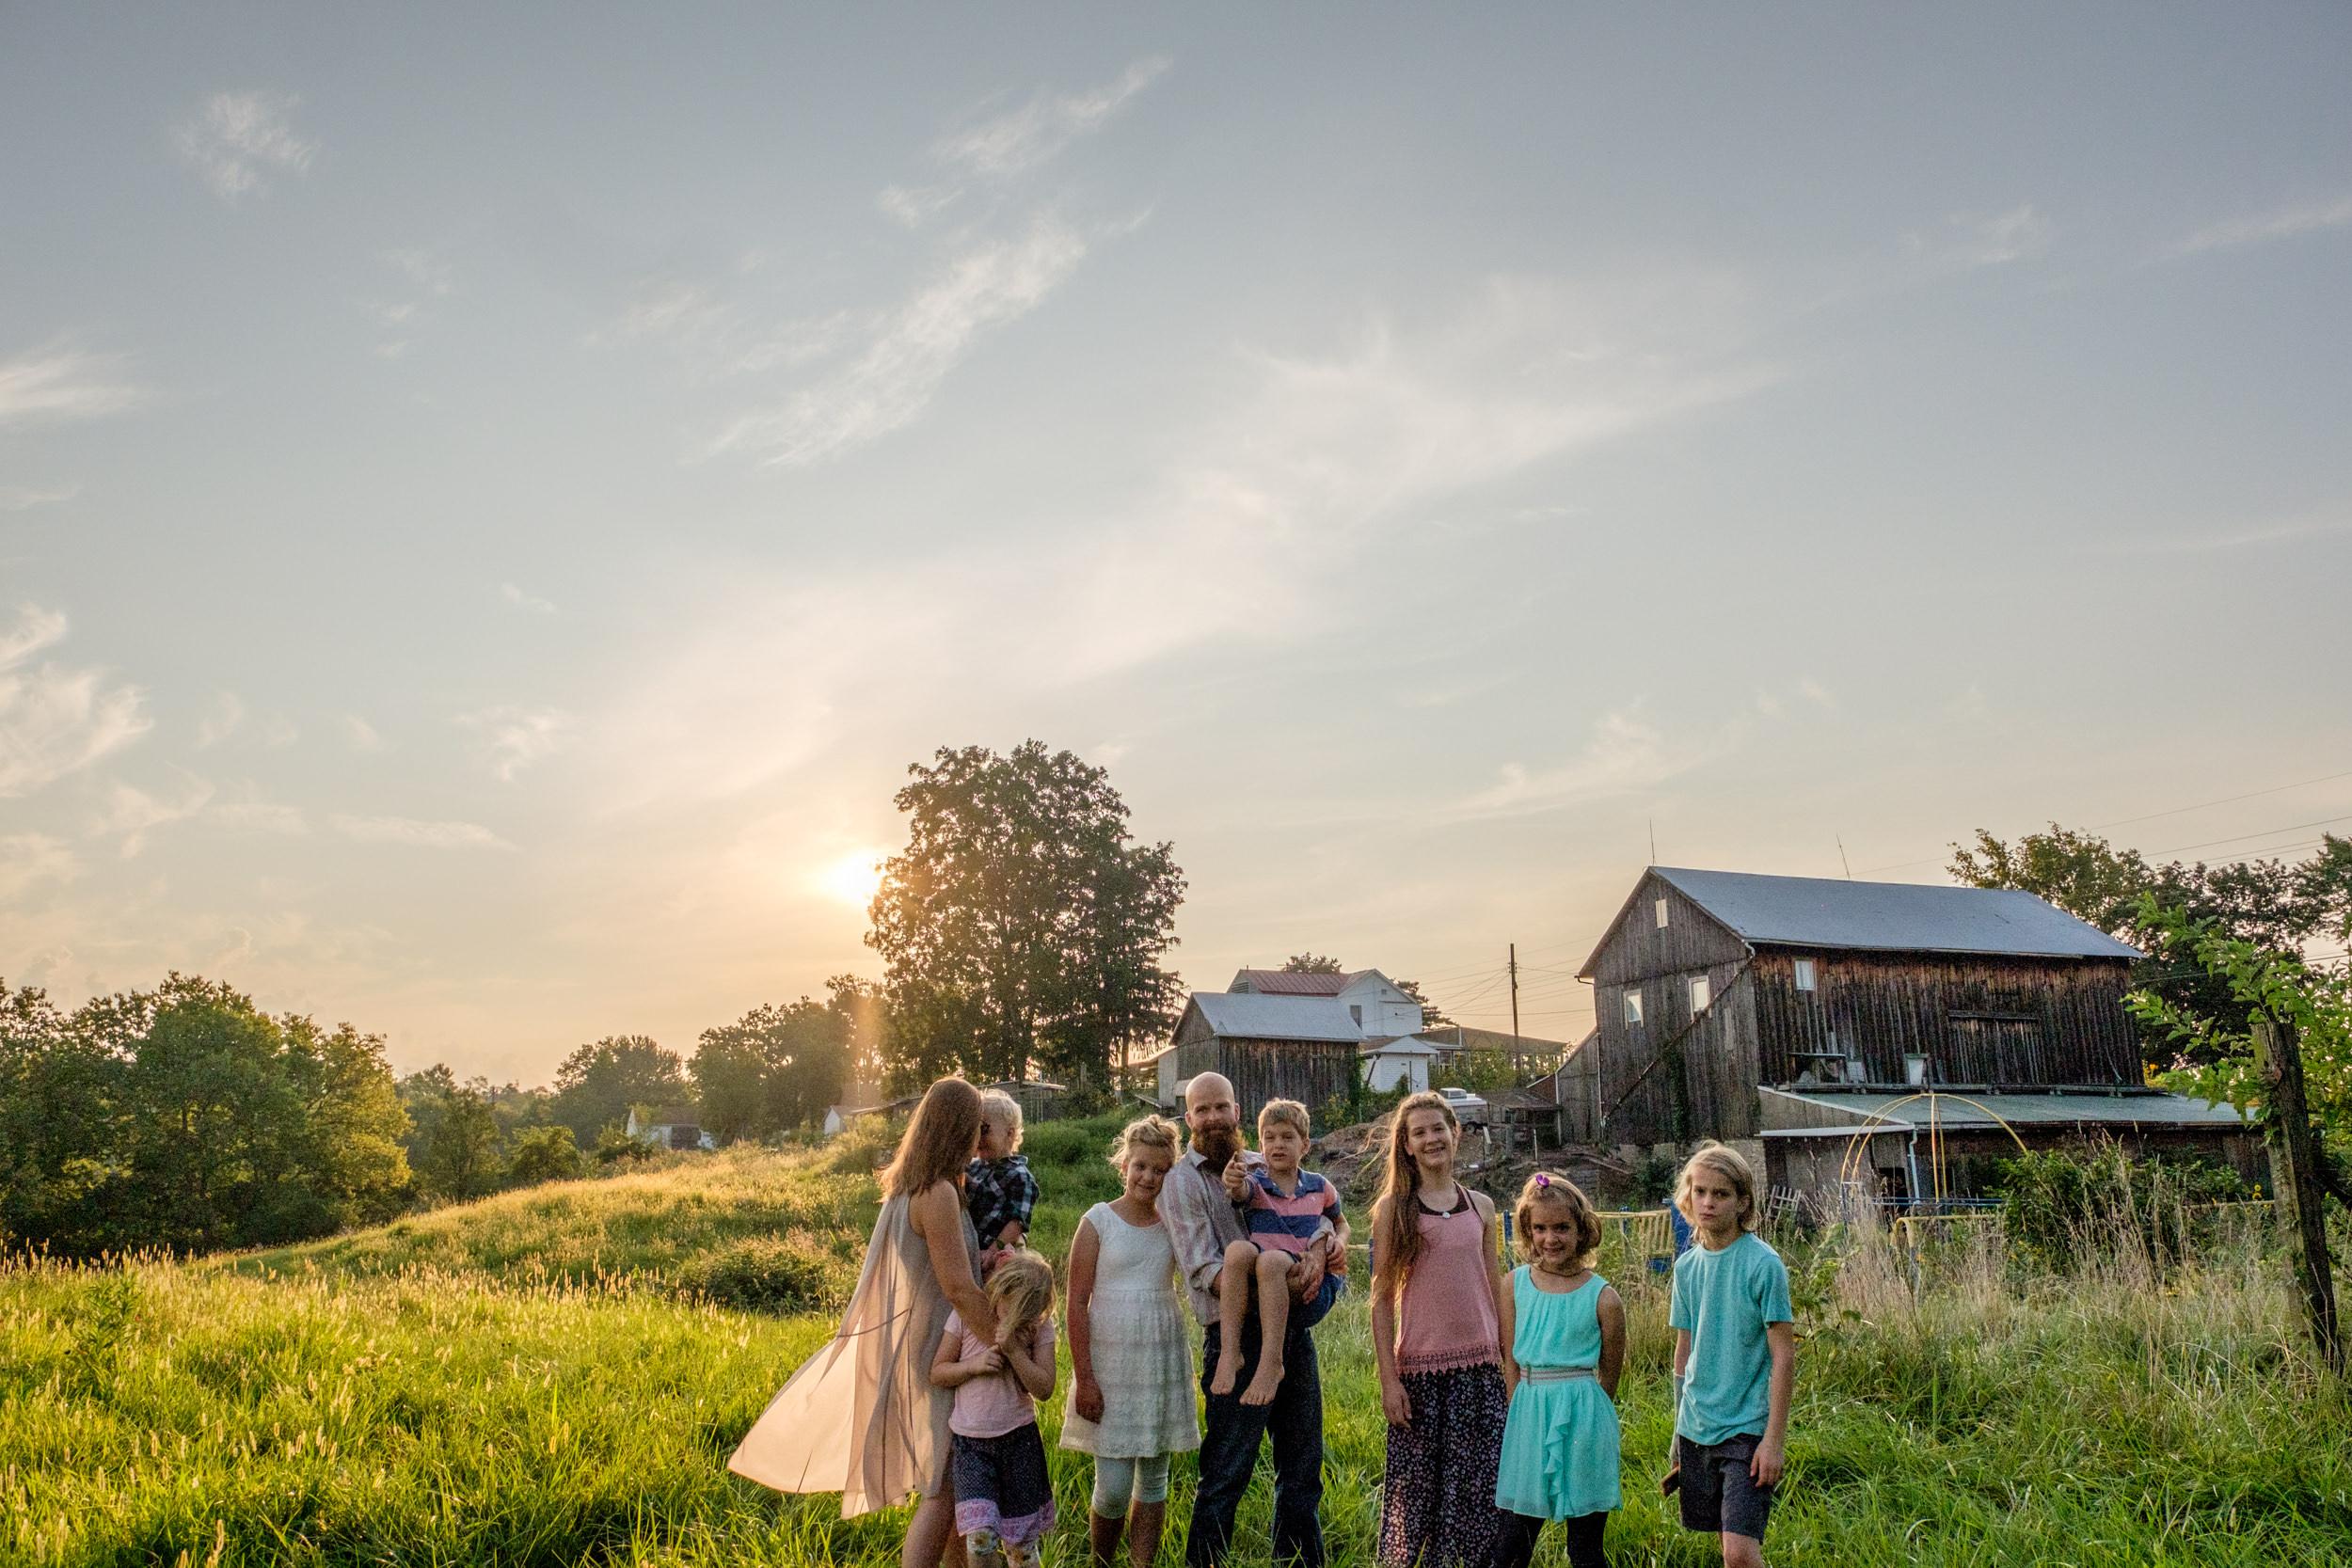 TheSmythCollective-Best-Cincinnati-Family-Photographer-028.jpg